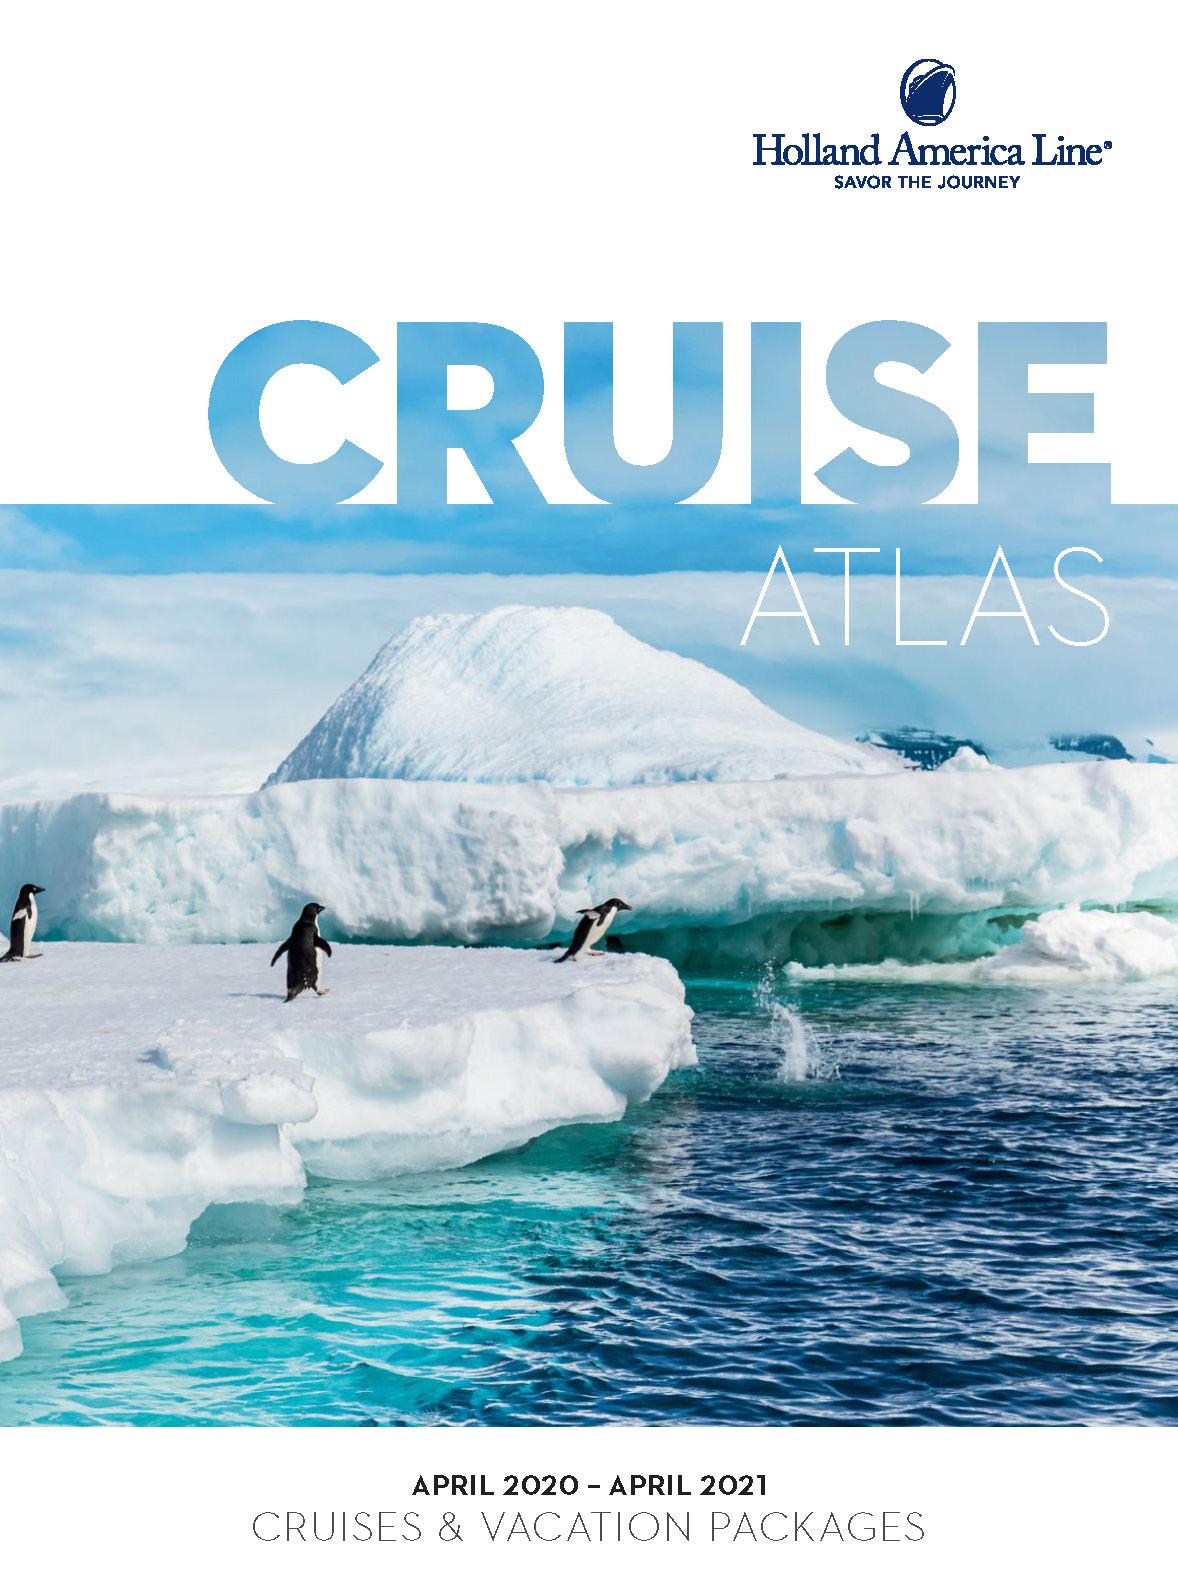 Catalogo Holland America Line Cruceros Maritimos 2020-2021